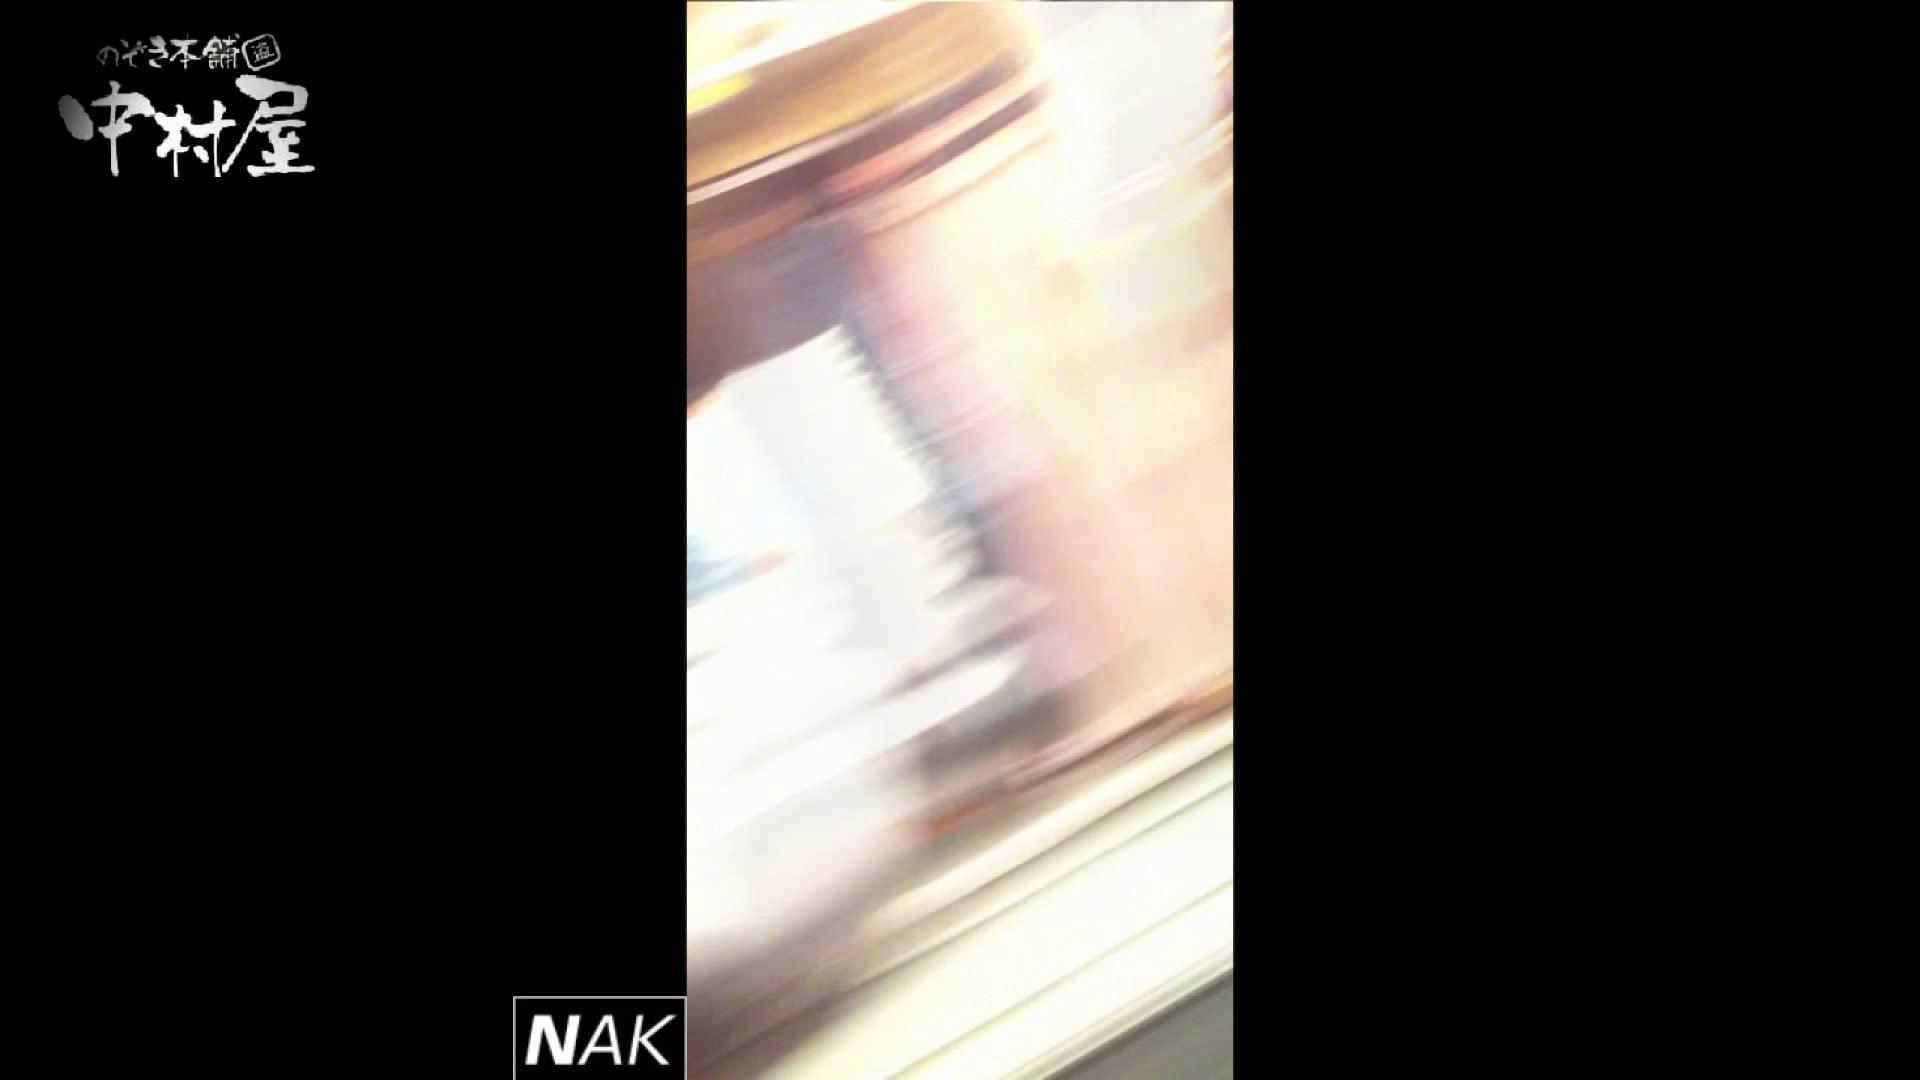 ハイビジョン盗撮!ショップ店員千人斬り!パンチラ編 vol.36 オマタ オマンコ動画キャプチャ 77pic 31